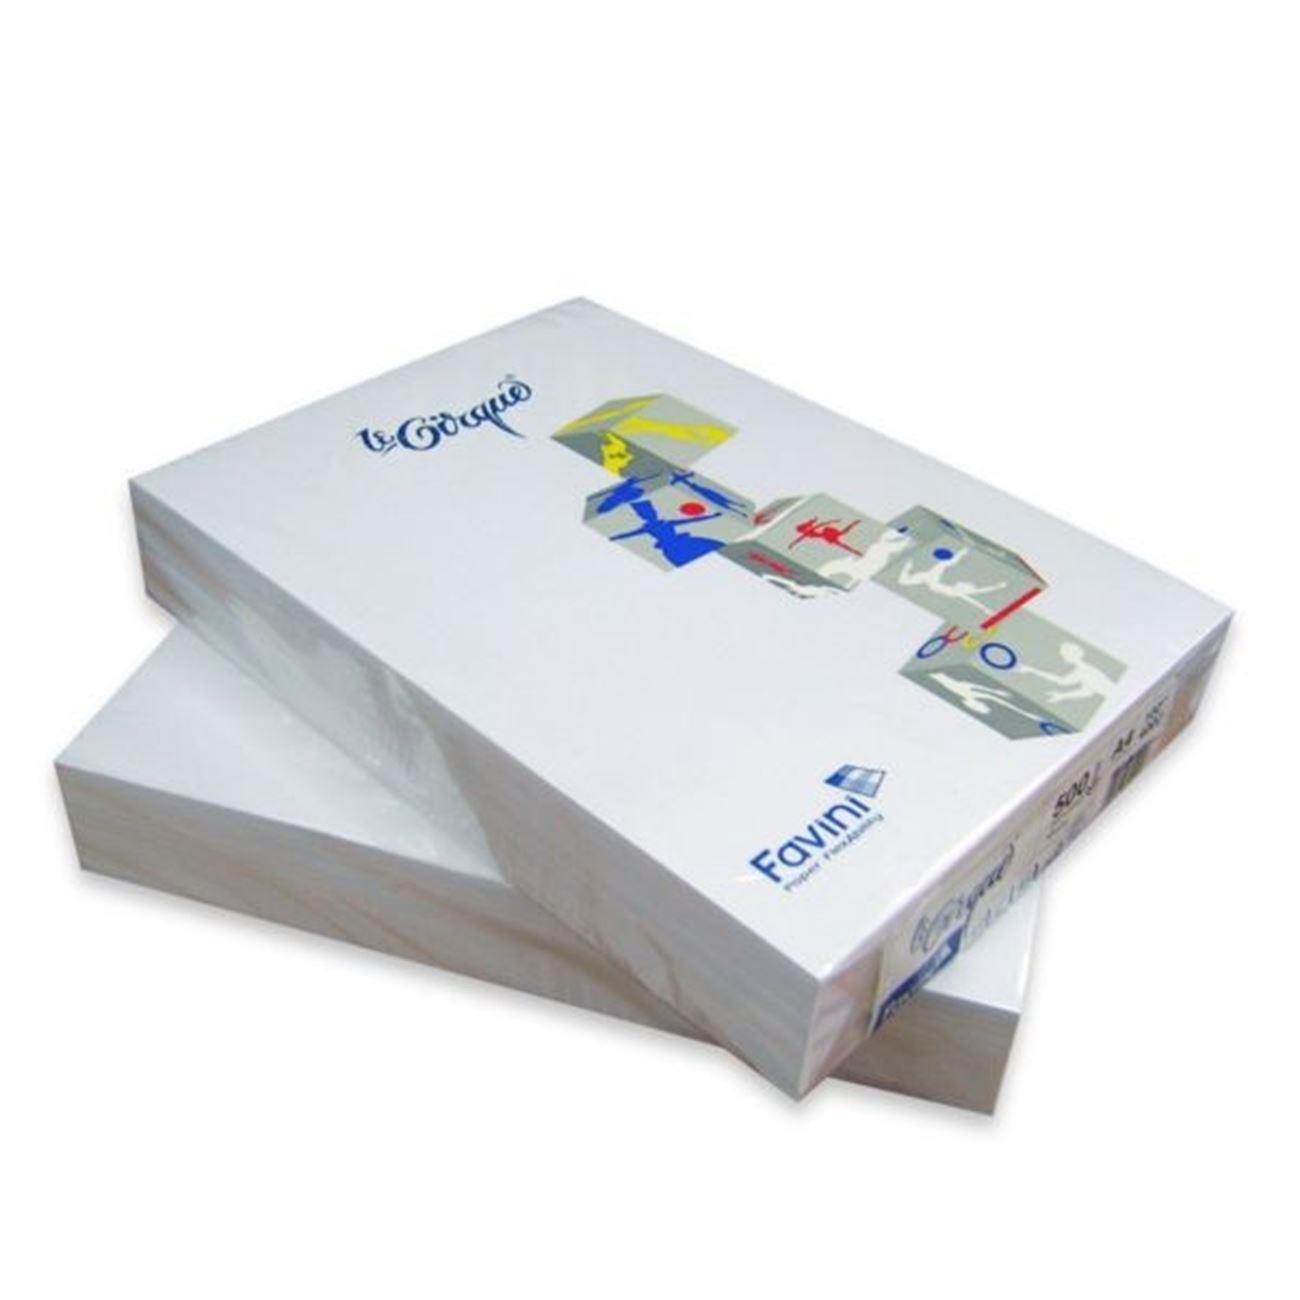 Χαρτονάκι Α3 Favini 200gr 150Φ λευκό